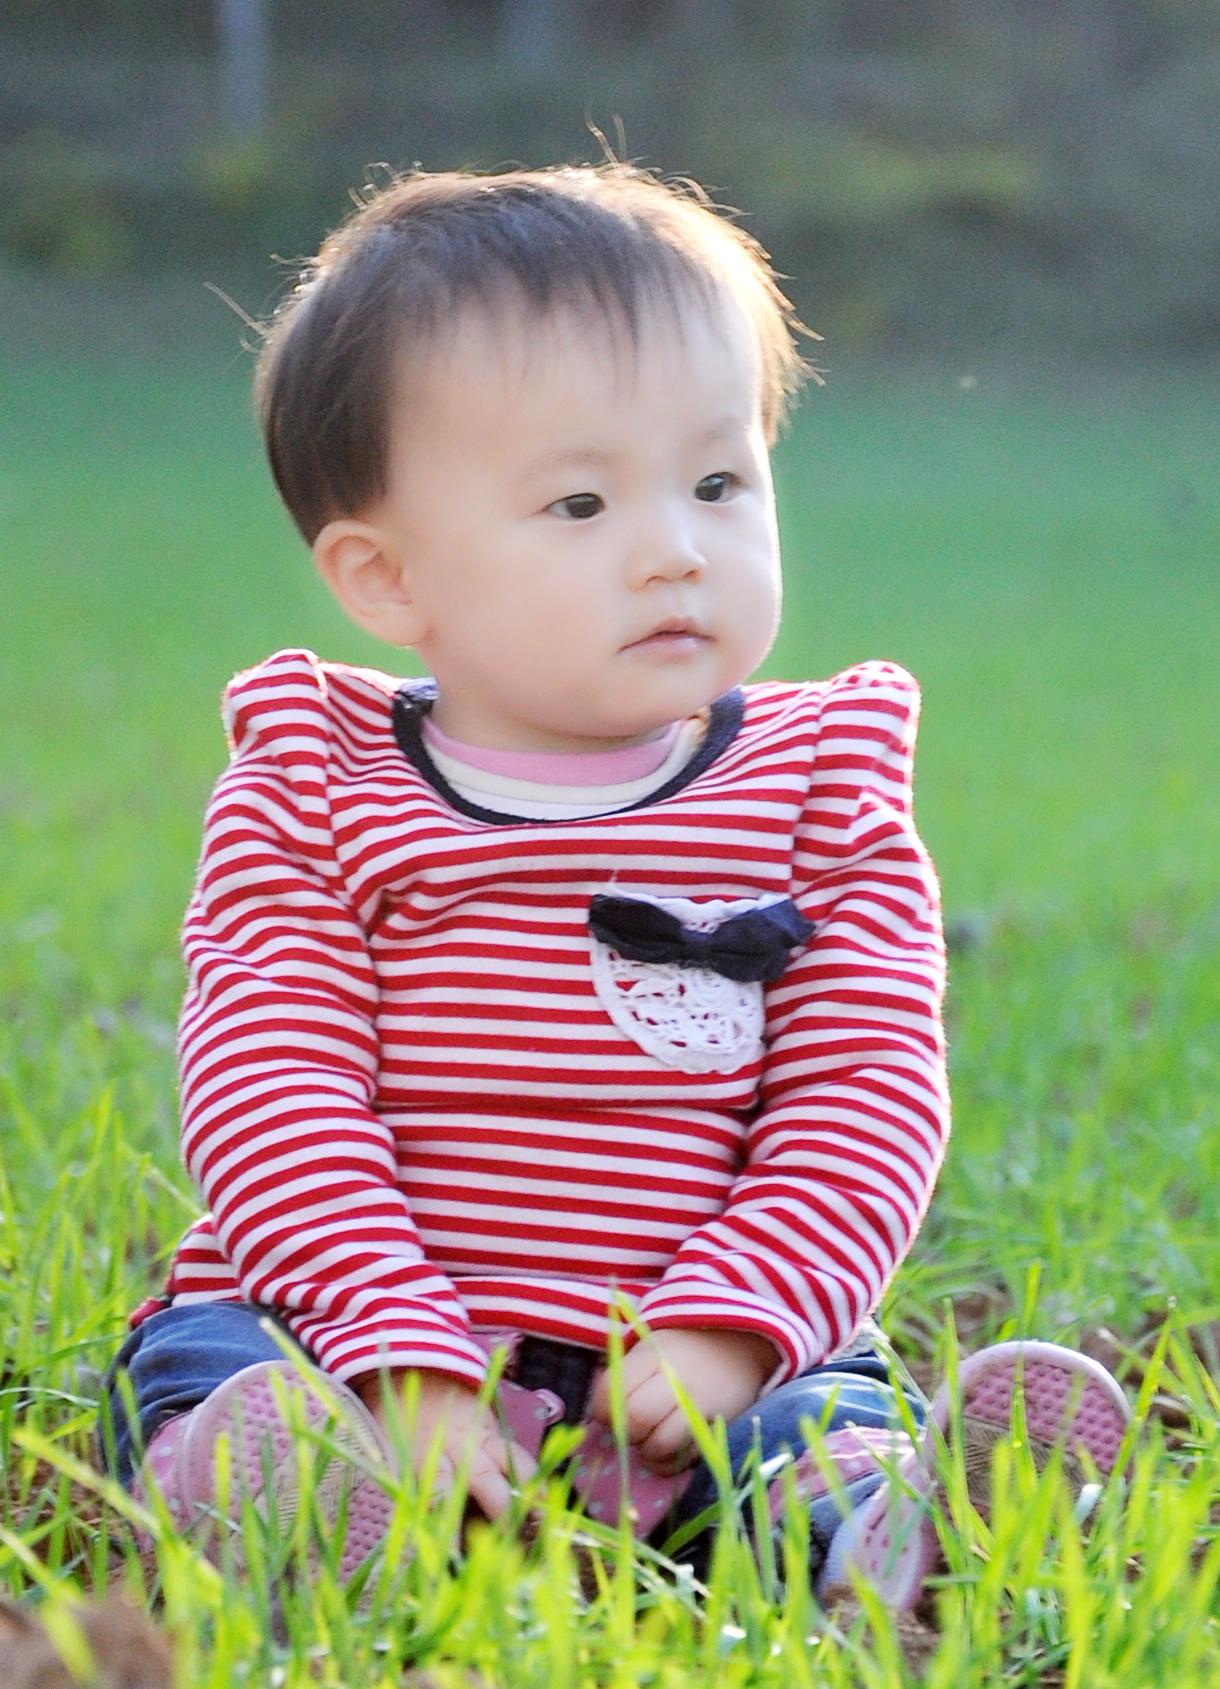 可爱宝宝 - 儿童摄影作品